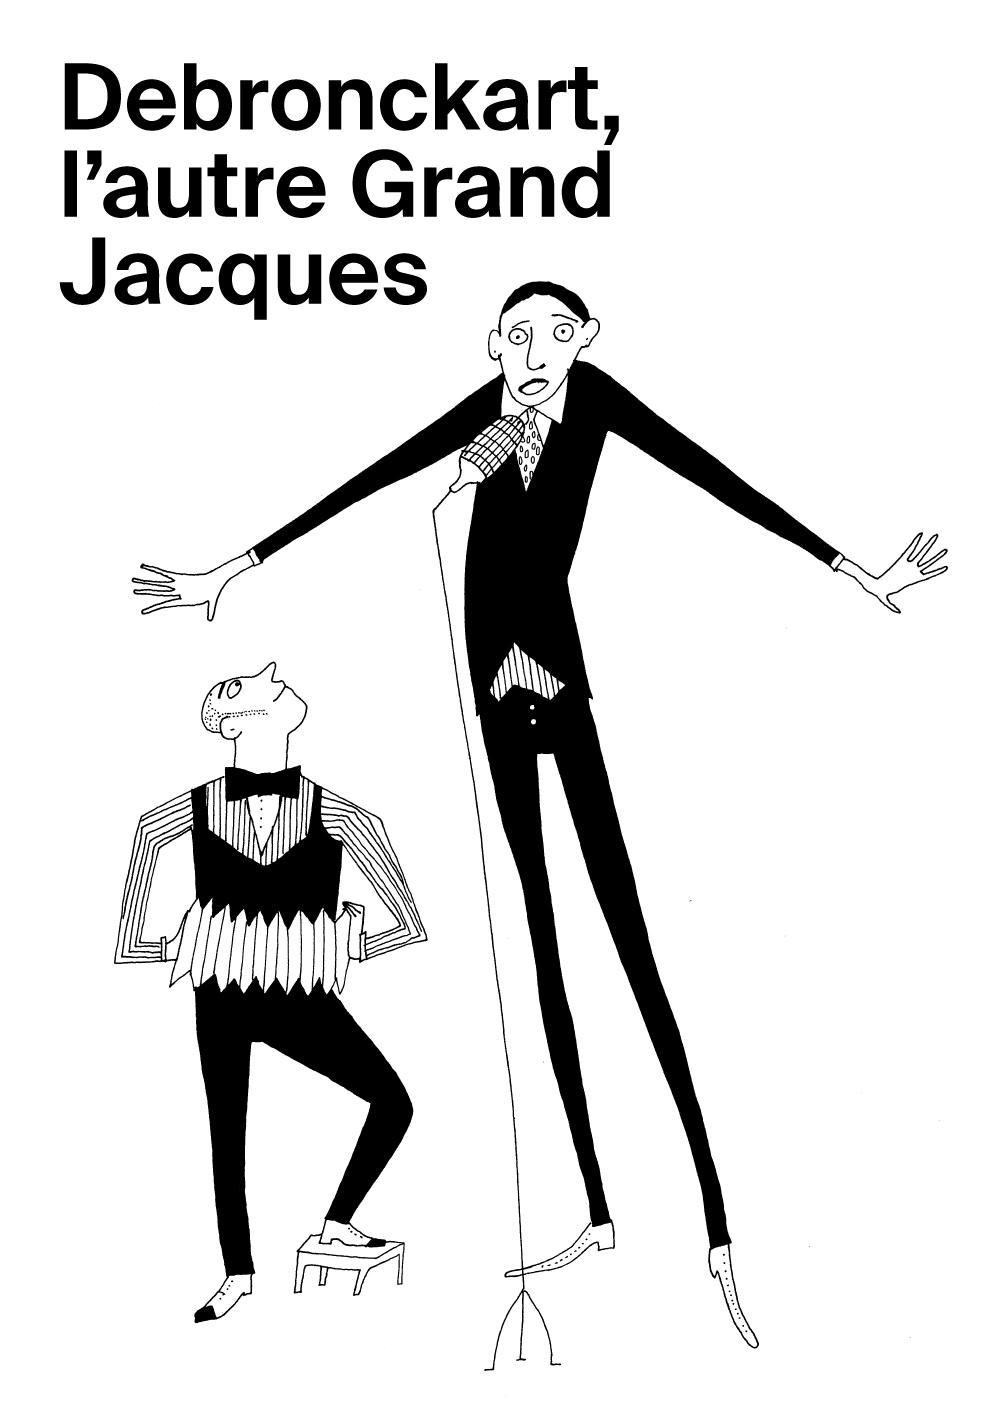 Prologue n°1: Debronckart, l'autre grand Jacques